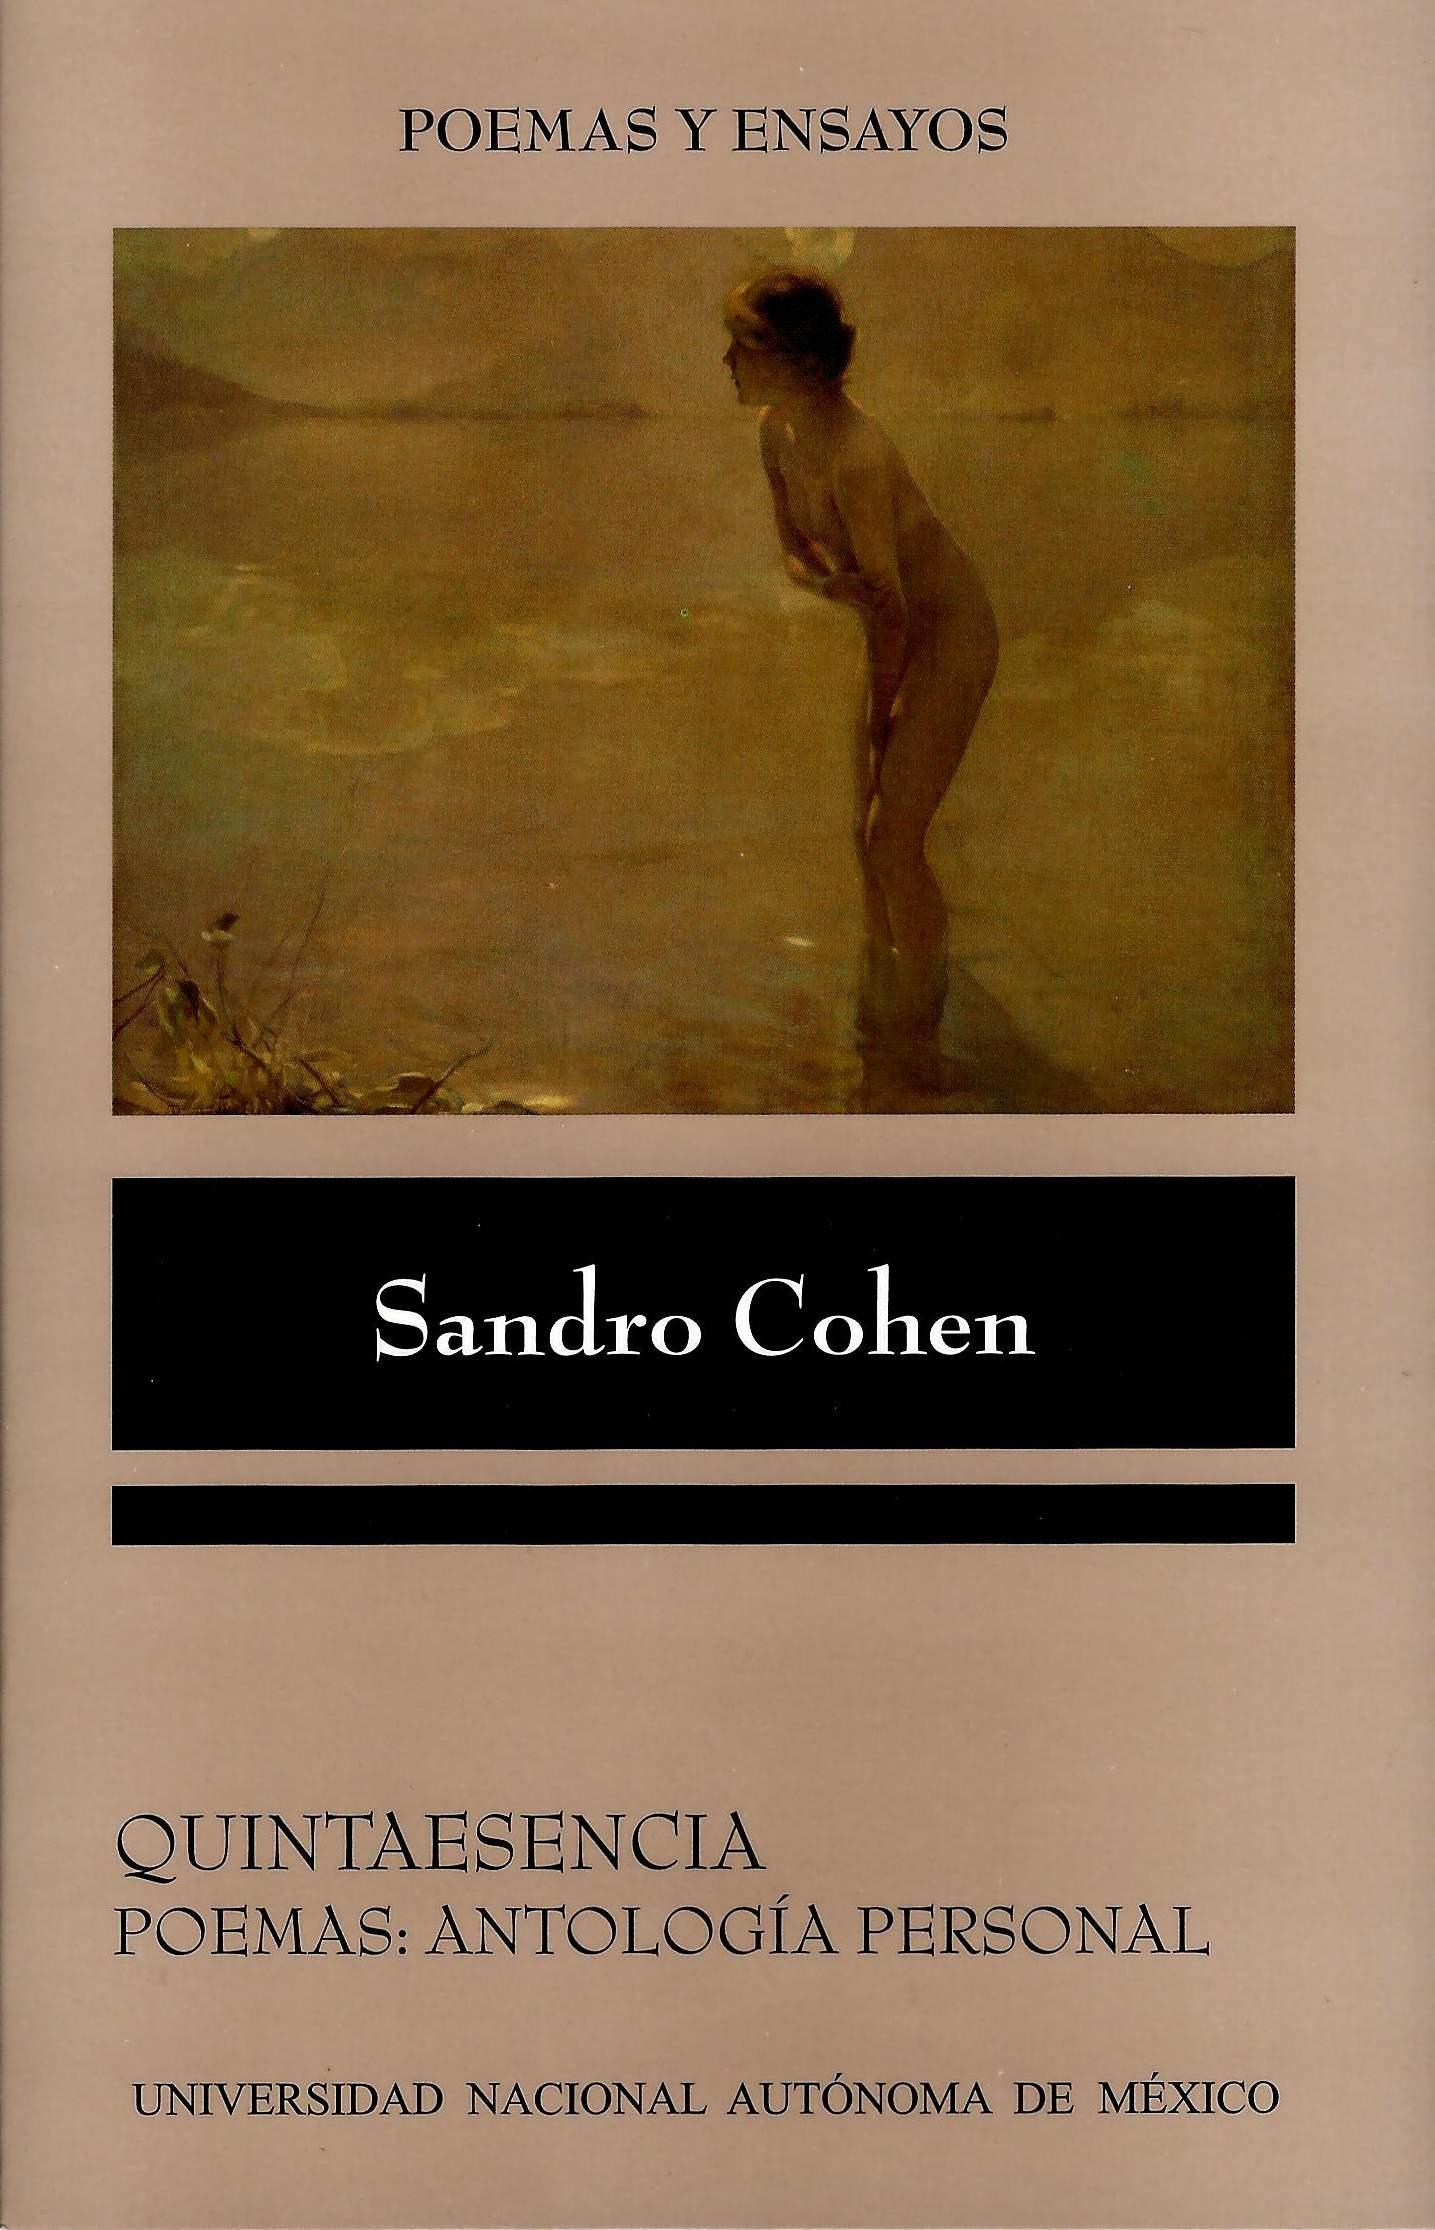 Quintaesencia. Poemas: antología personal